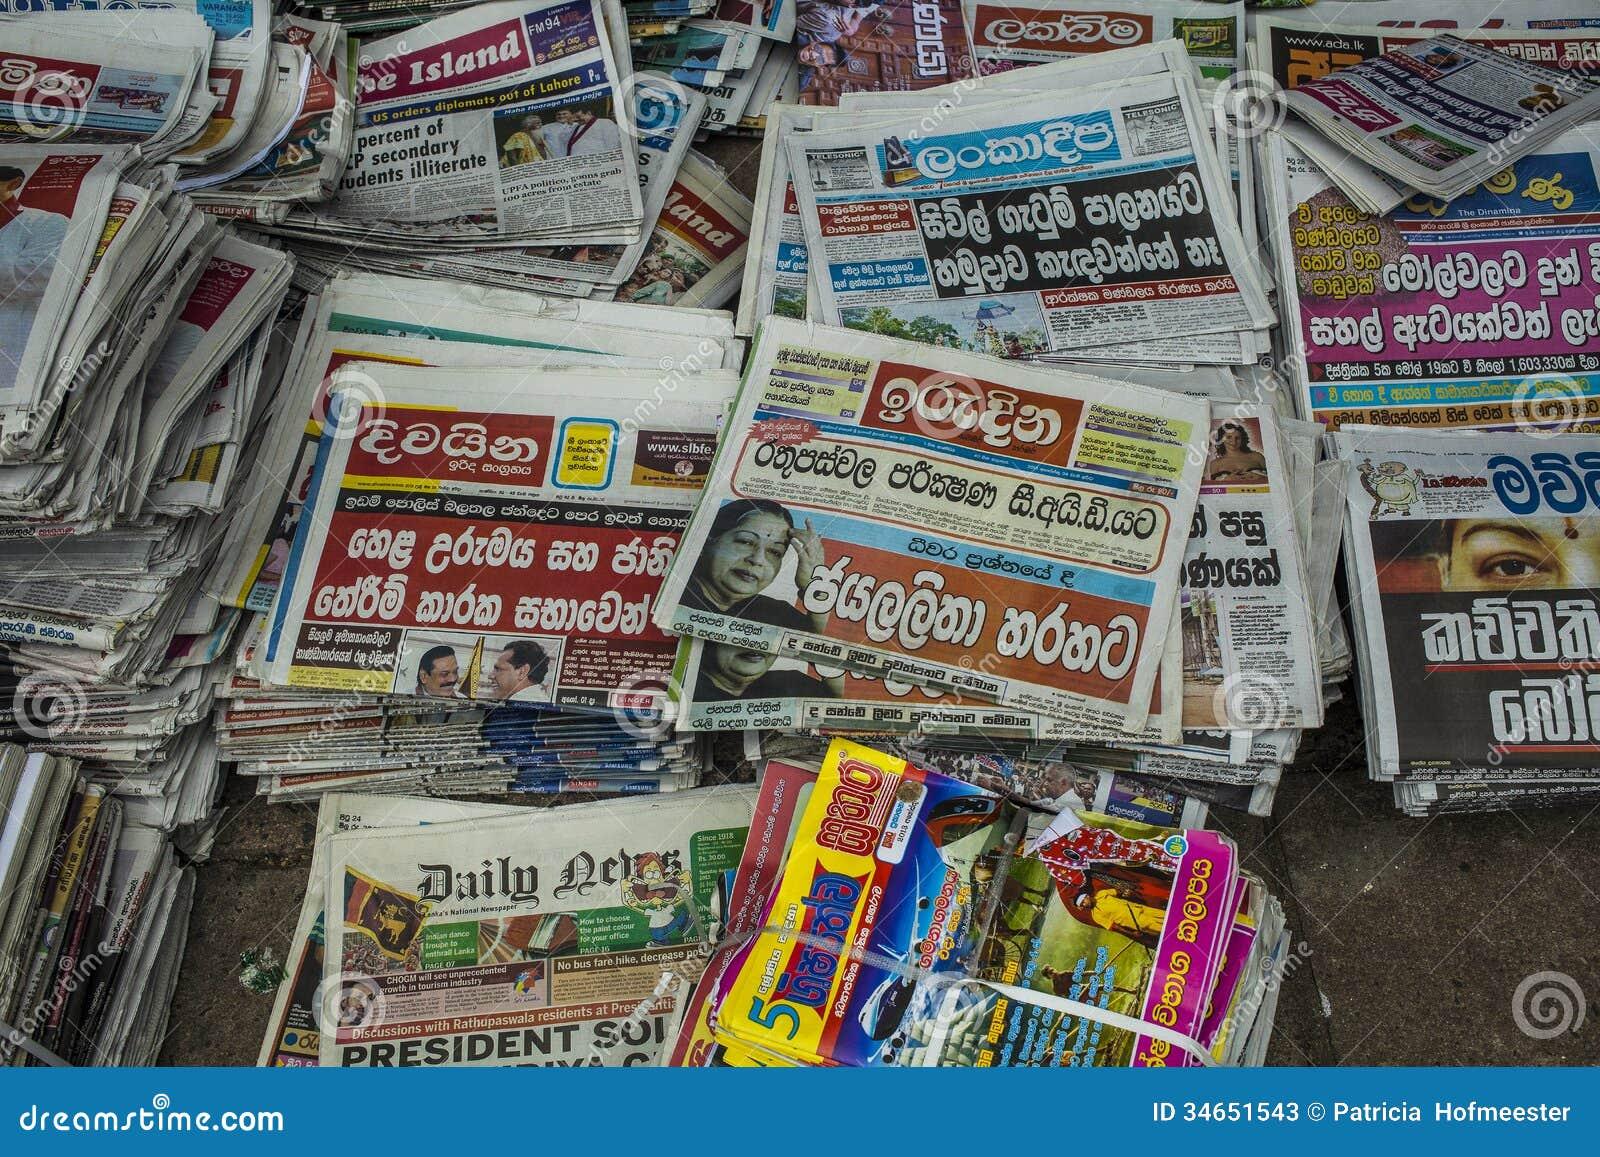 sri lanka news - photo #18